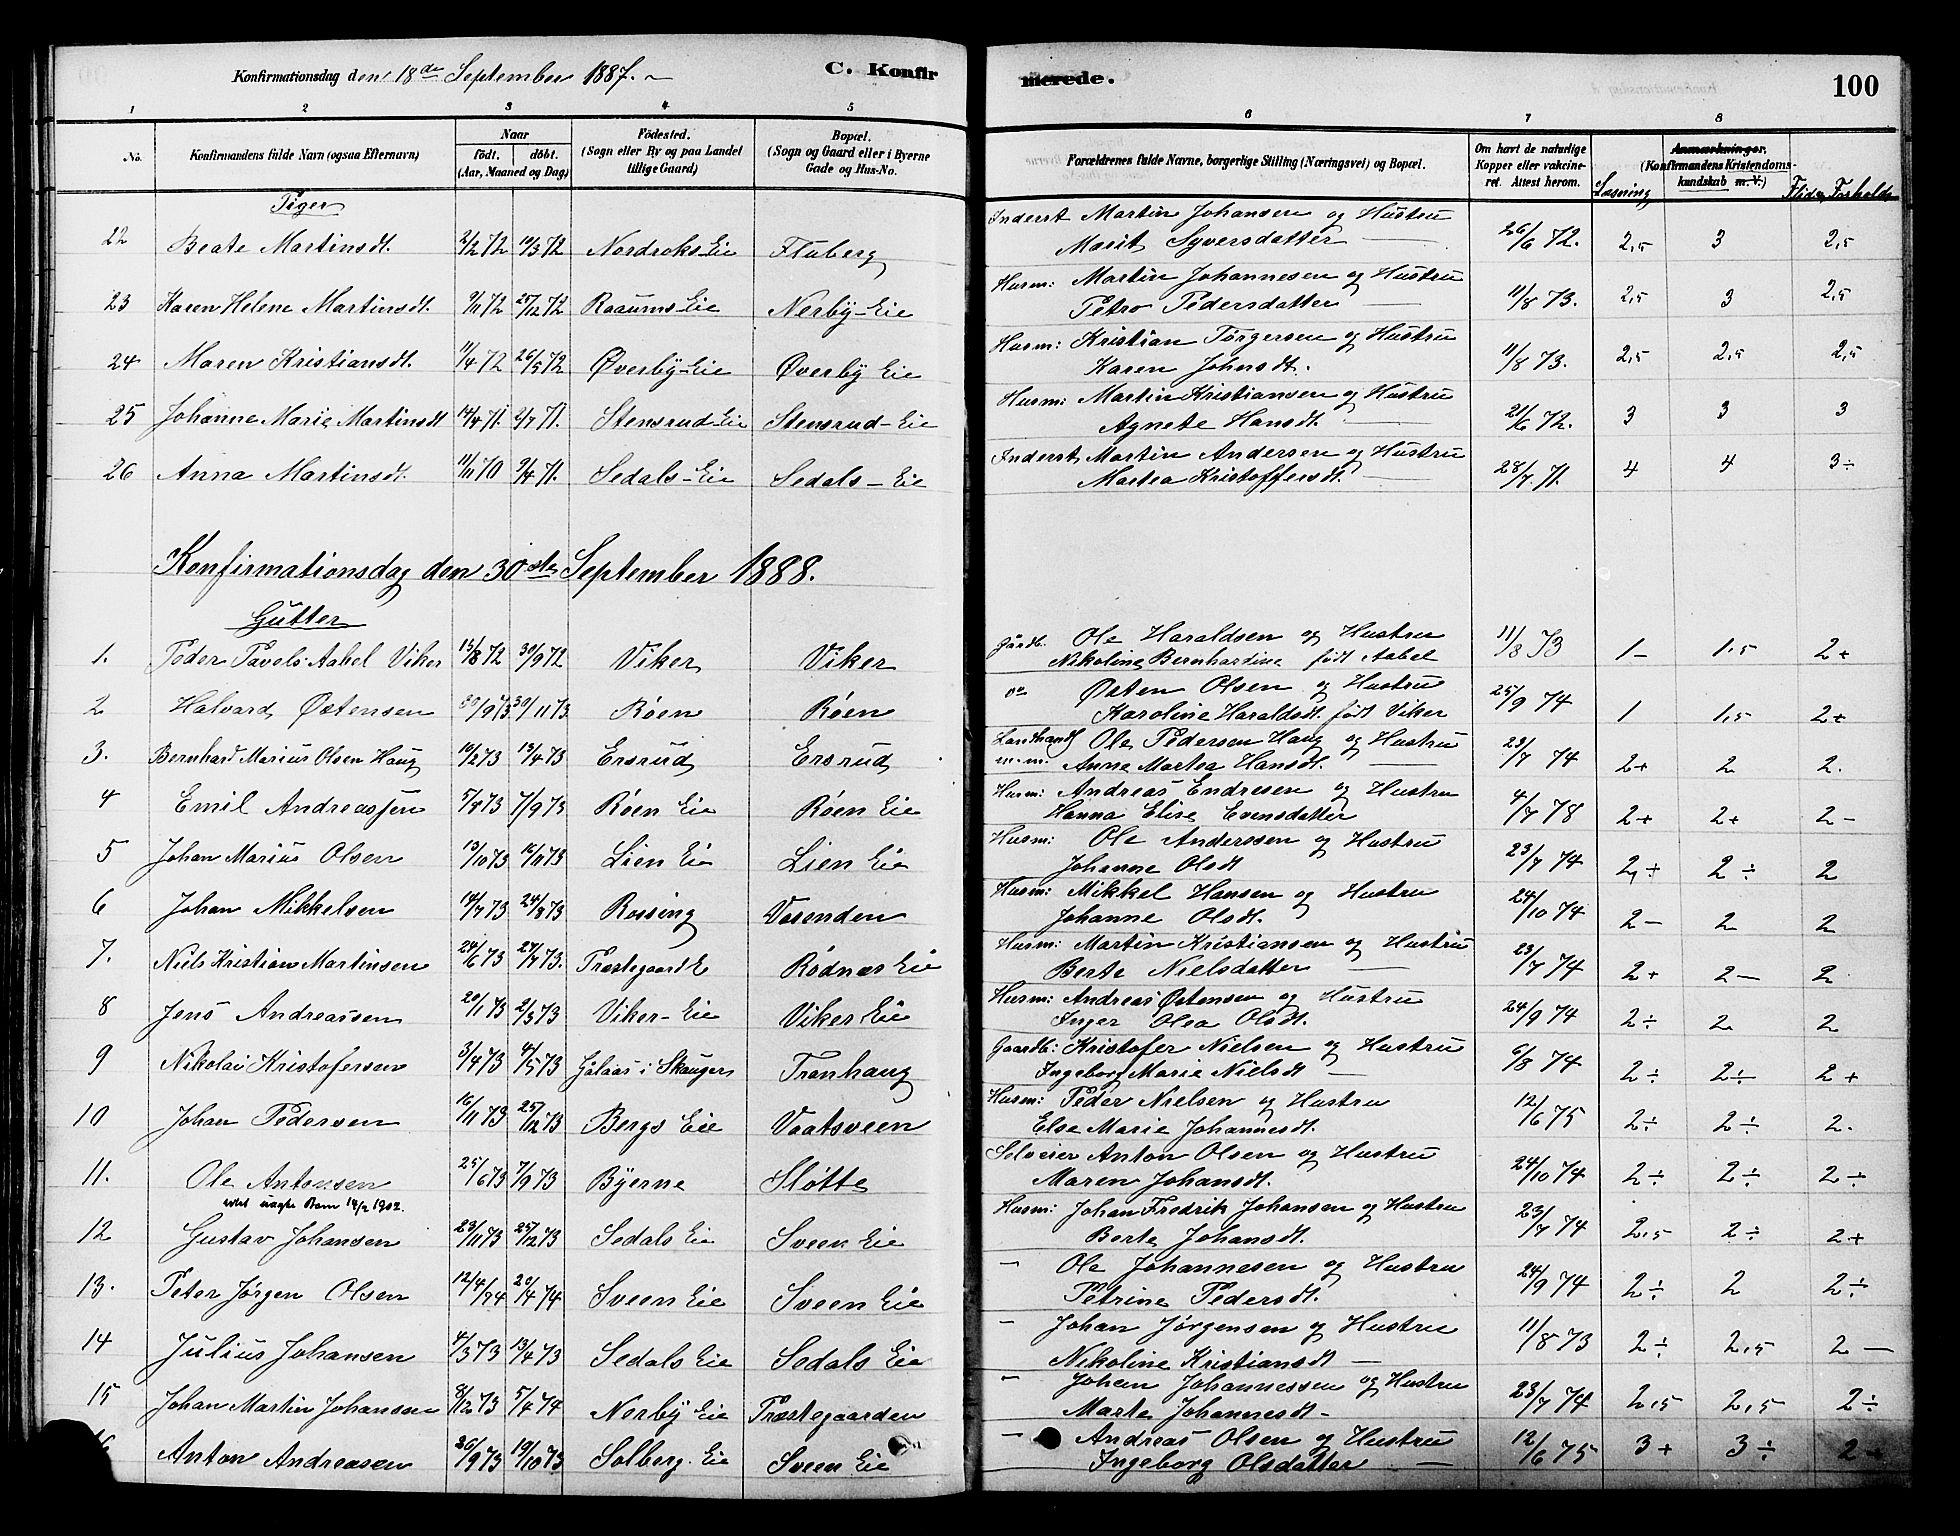 SAH, Søndre Land prestekontor, K/L0002: Ministerialbok nr. 2, 1878-1894, s. 100